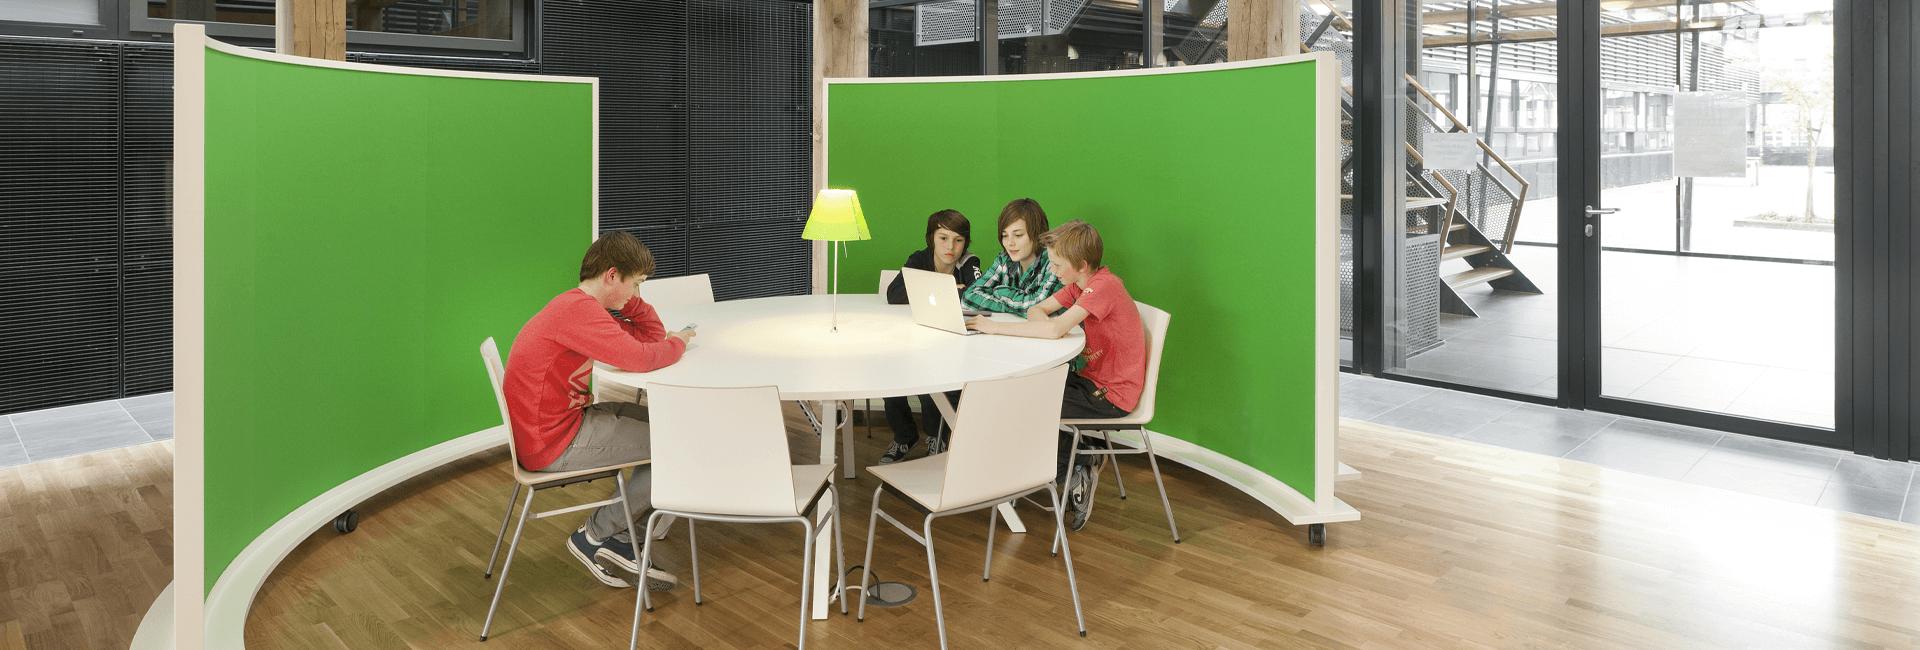 projectinrichting-bij-scholengemeenschap-singelland-drachten